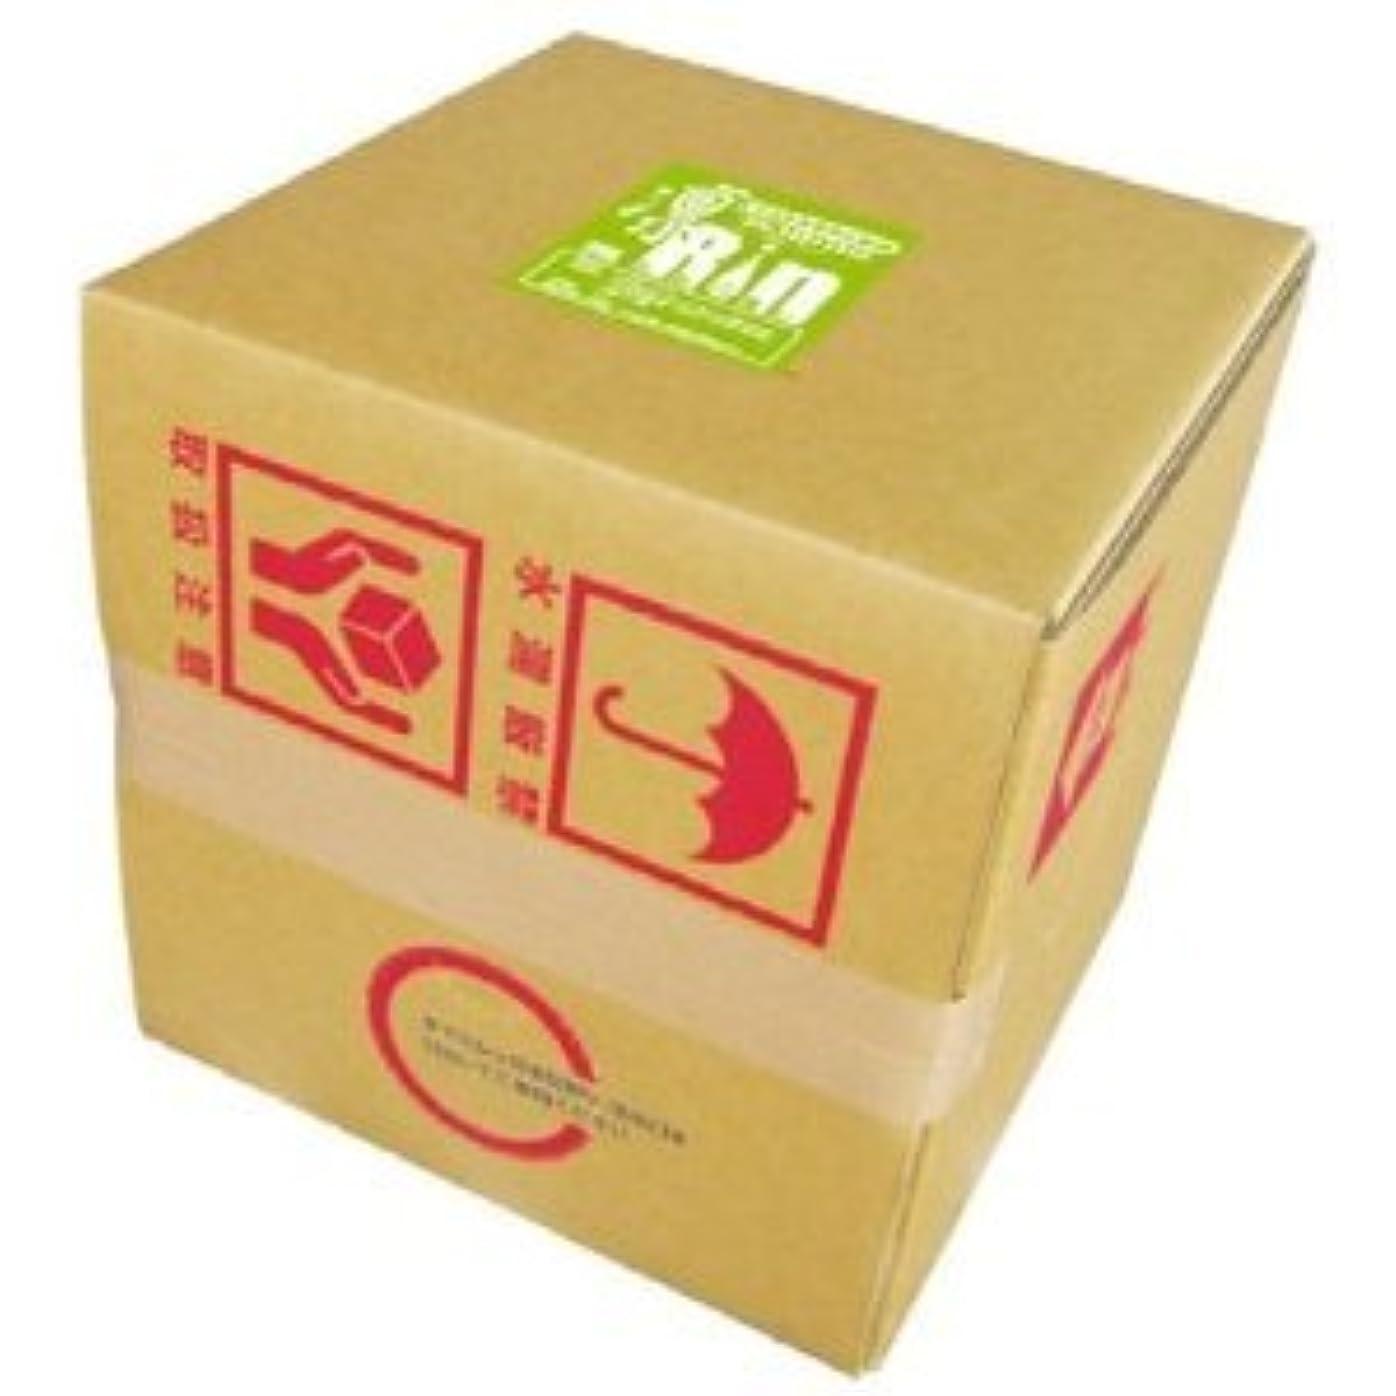 ロックすべき迷信くさの葉化粧品 ボディソープ 凛 20リットル 箱